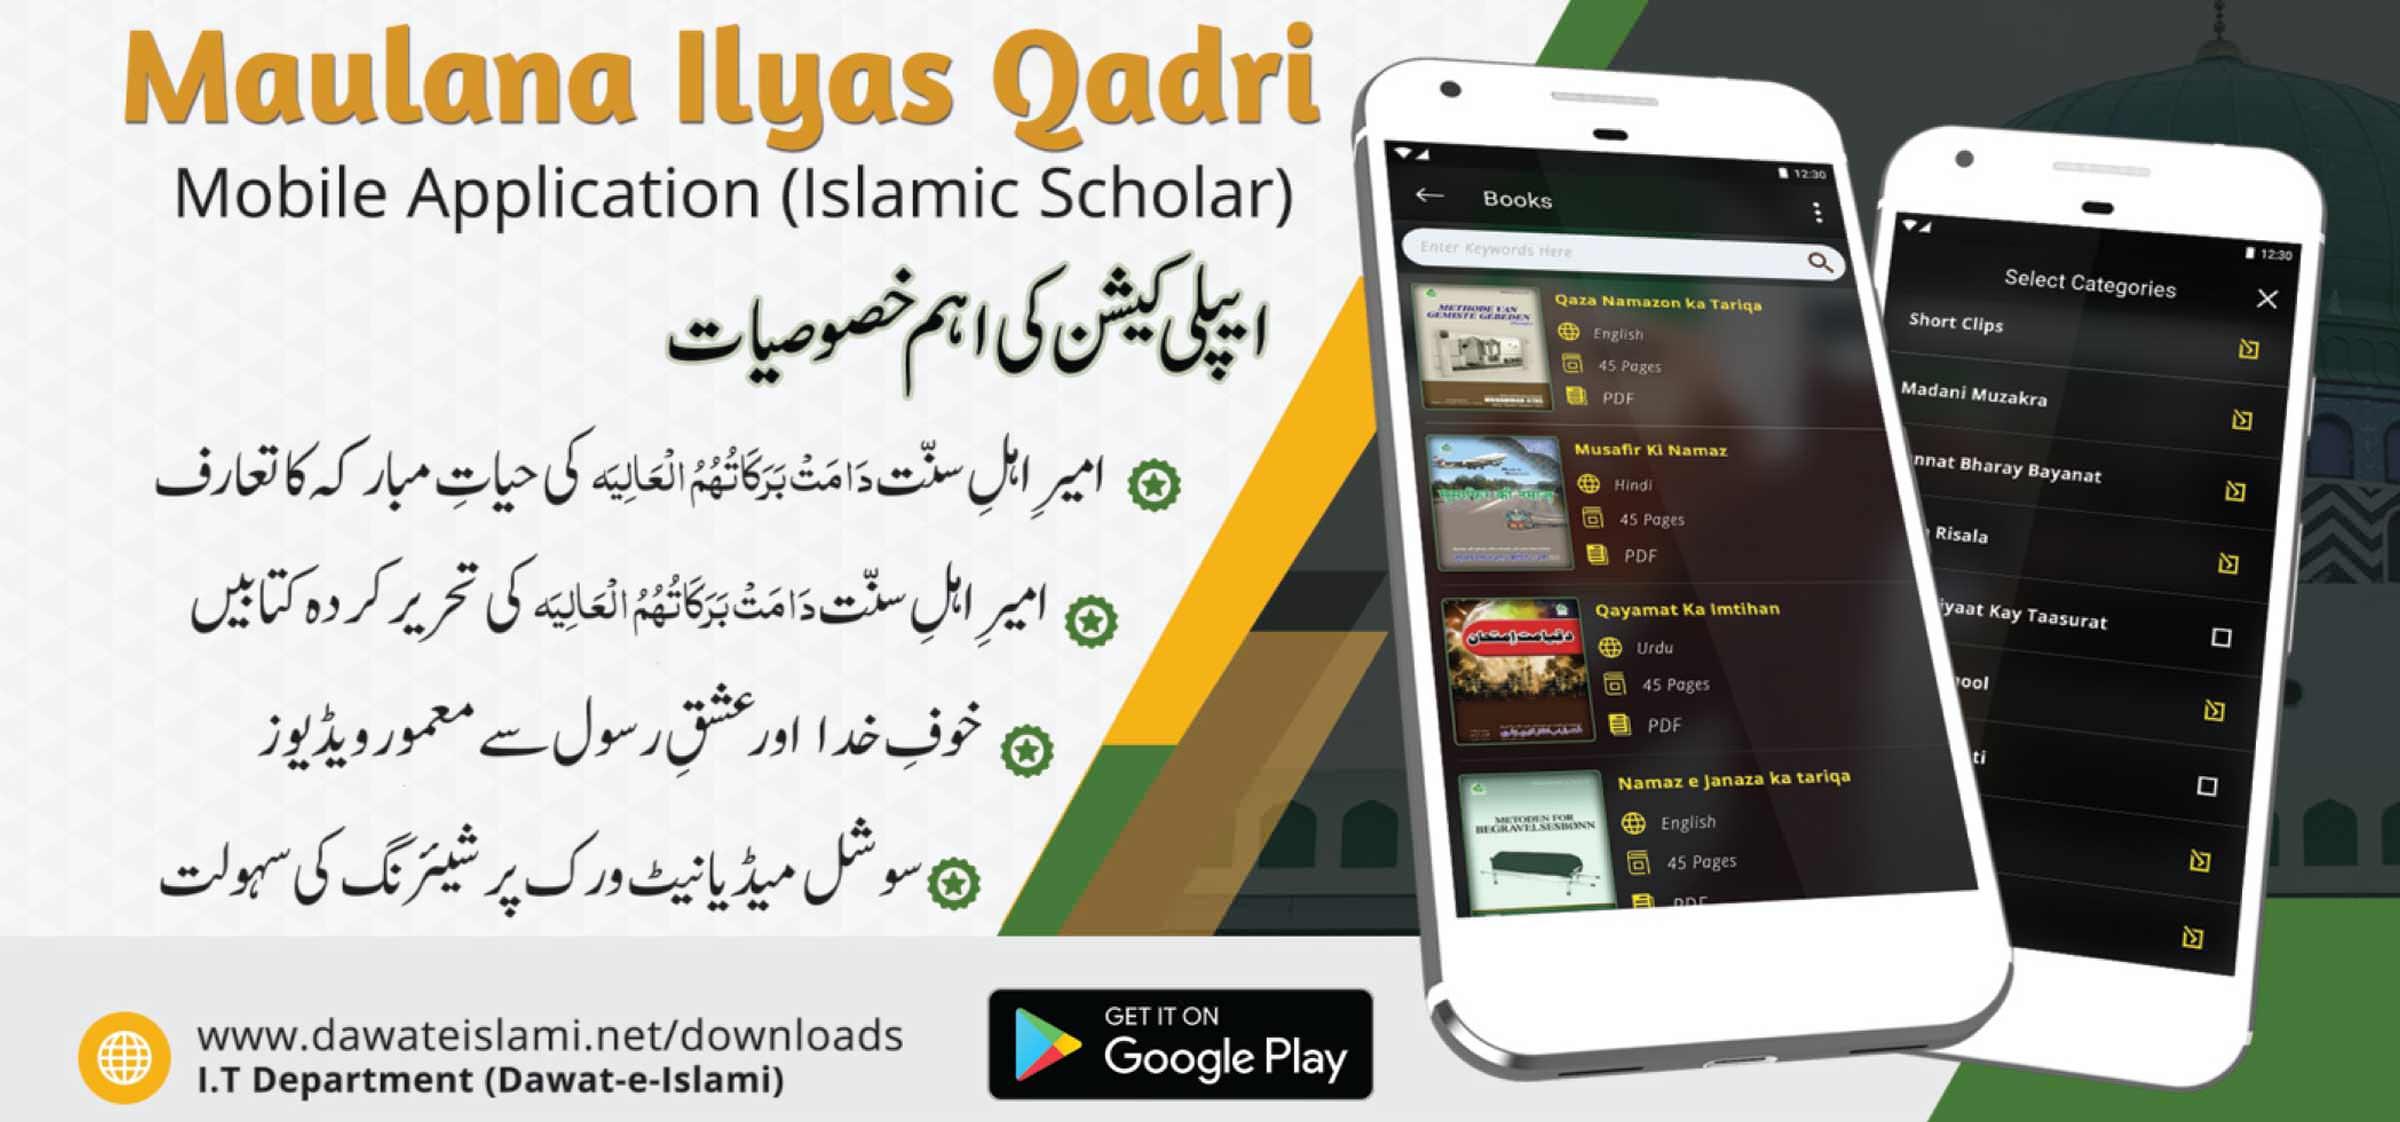 مولانا الیاس قادری موبائل ایپلی کیشن